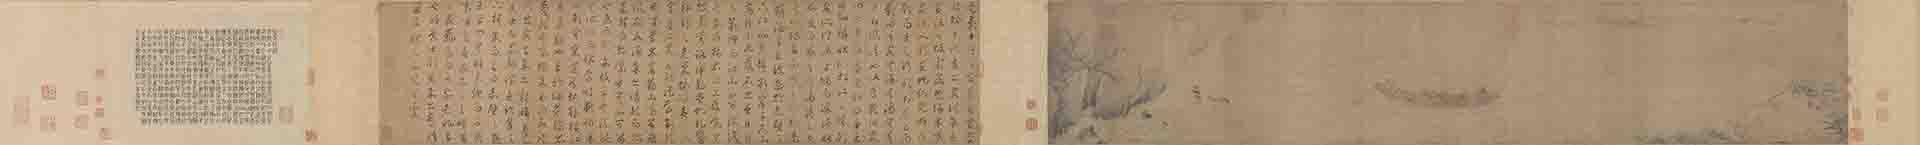 宋 马和之 后赤壁图赵构书赋卷(全卷)绢本42x567